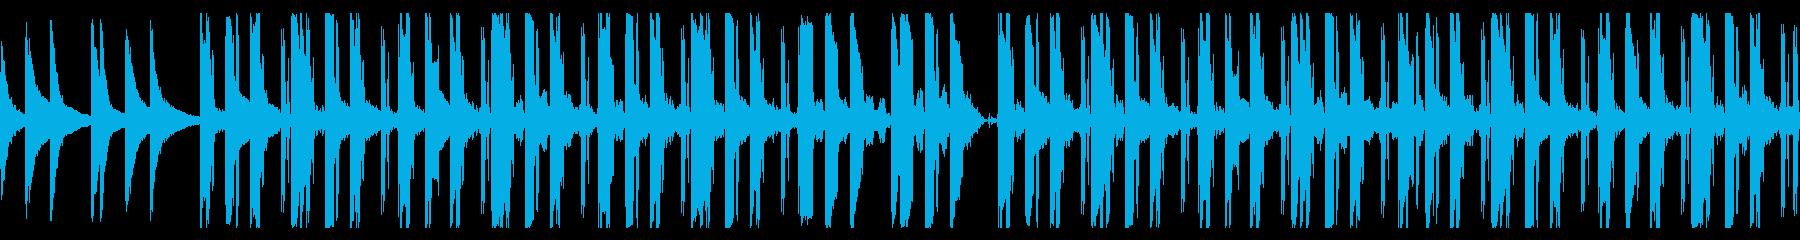 低音が気持ち良いローファイなBGMの再生済みの波形